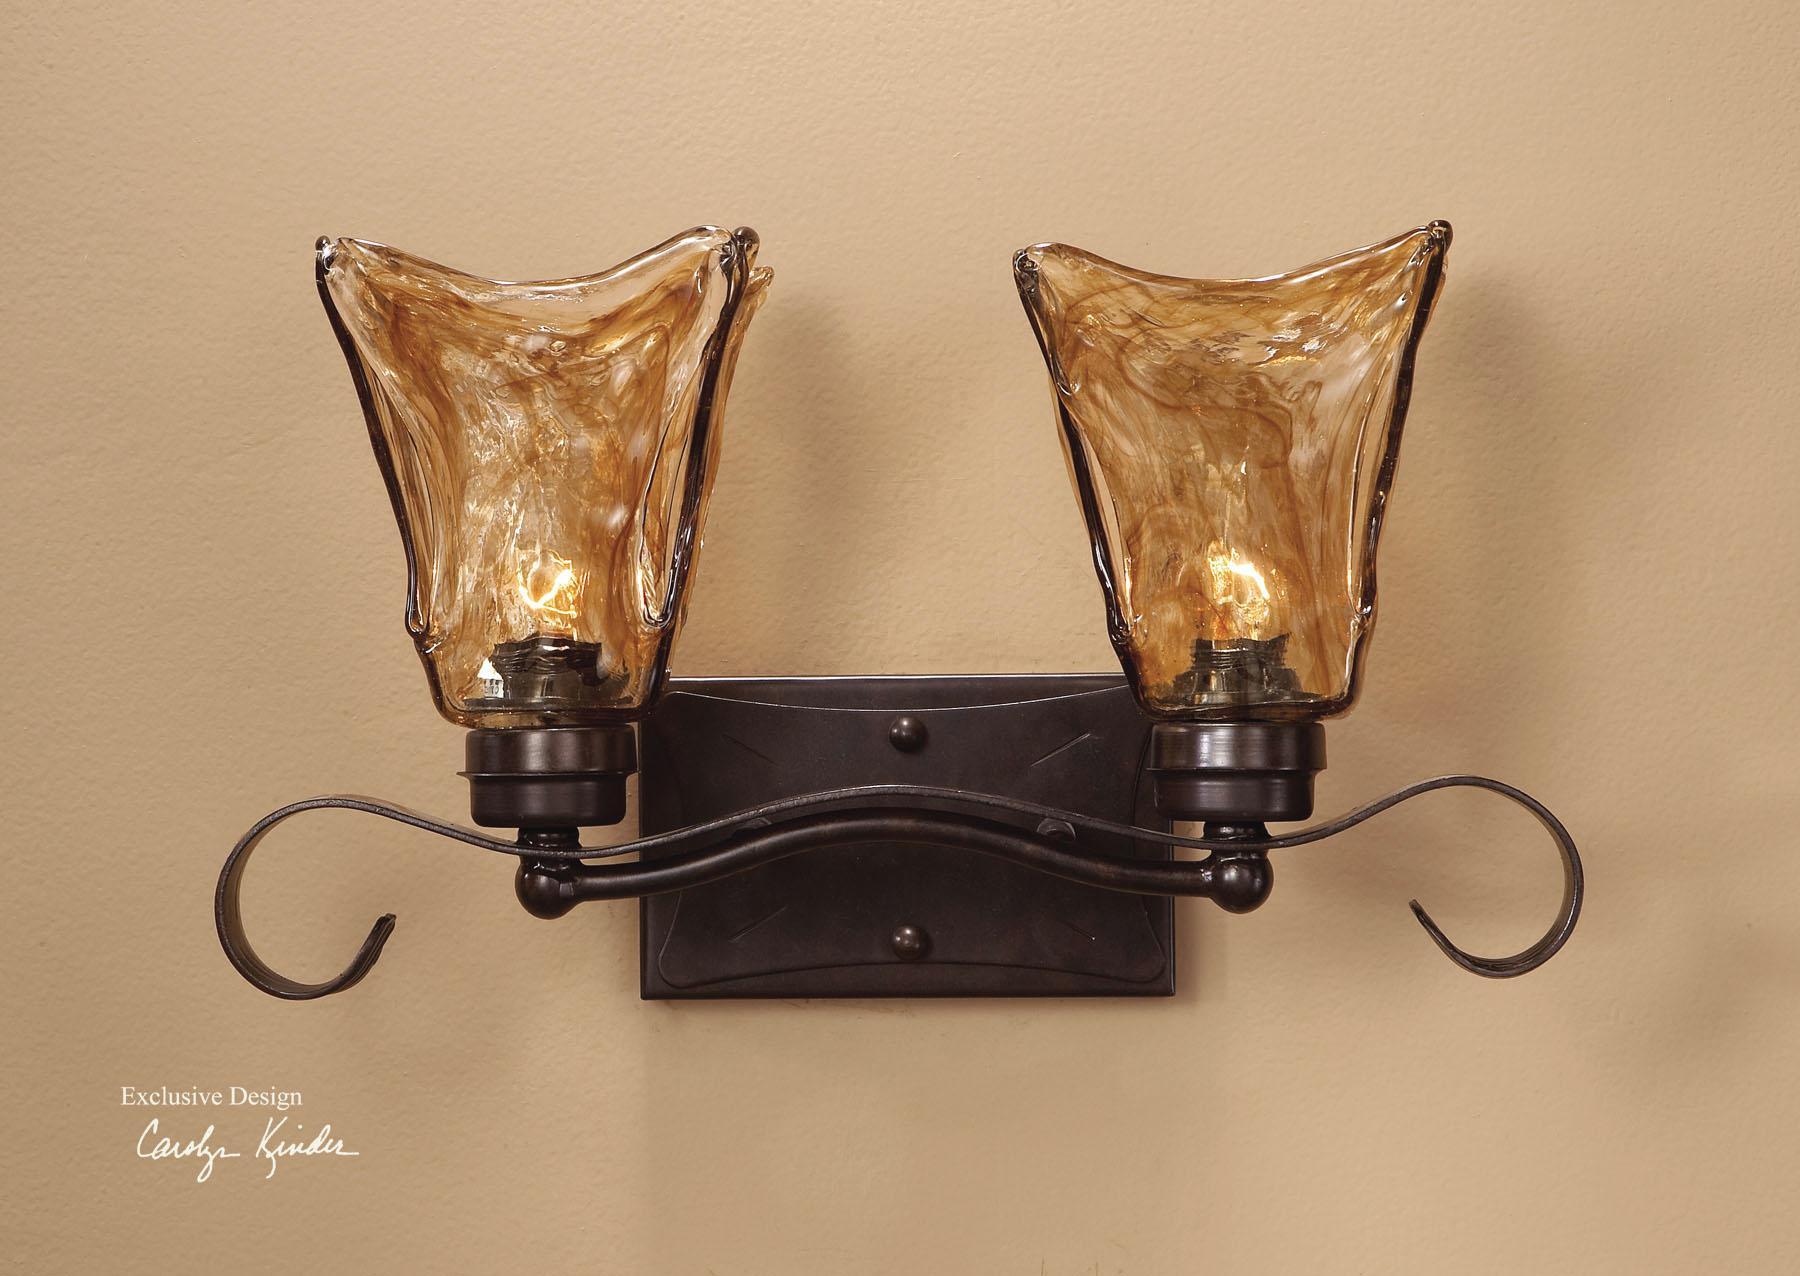 Uttermost Lighting Fixtures Vetraio 2-Light Vanity Strip - Item Number: 22800